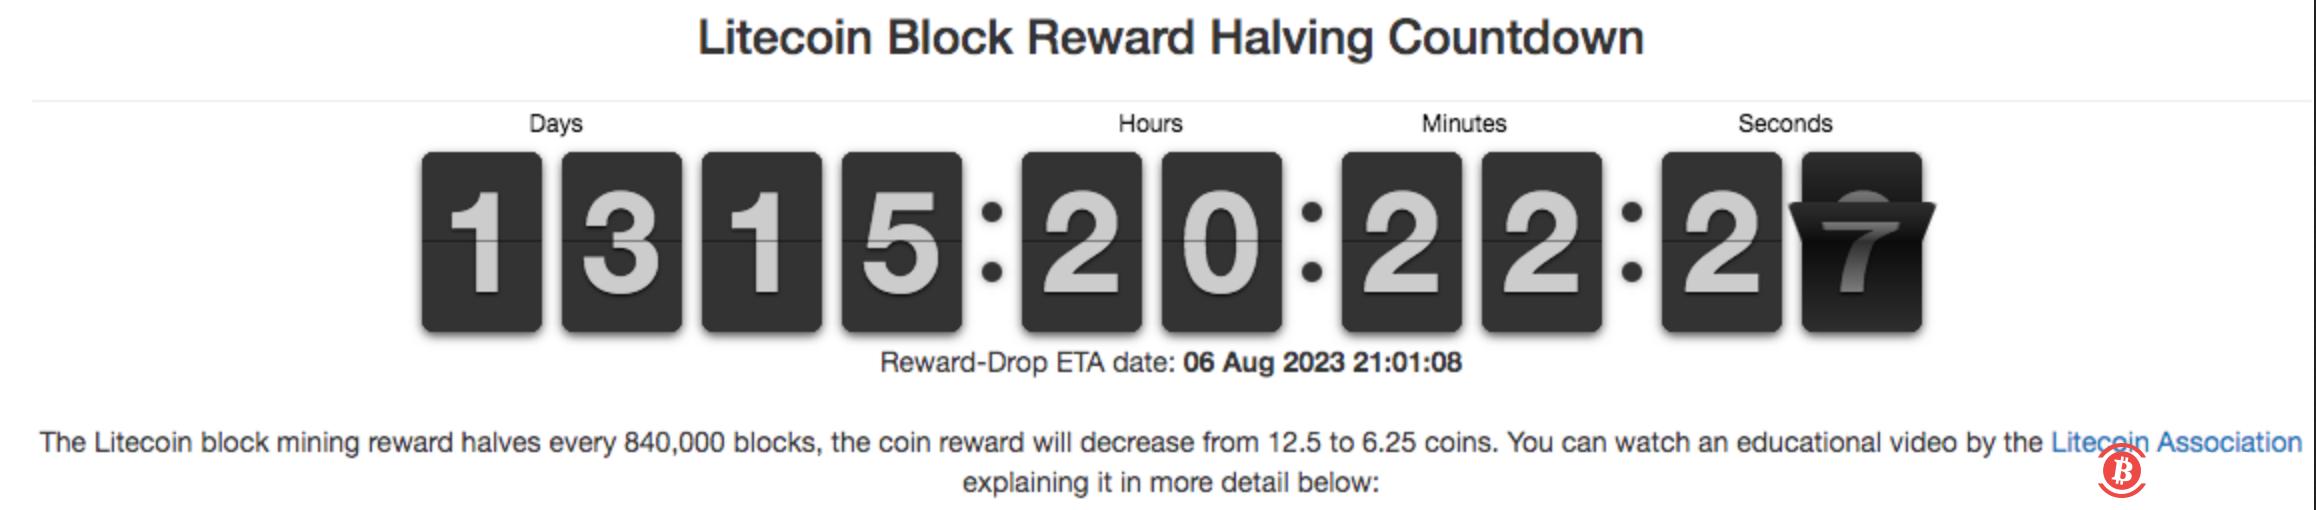 第6400万枚莱特币已被挖出-币安资讯网